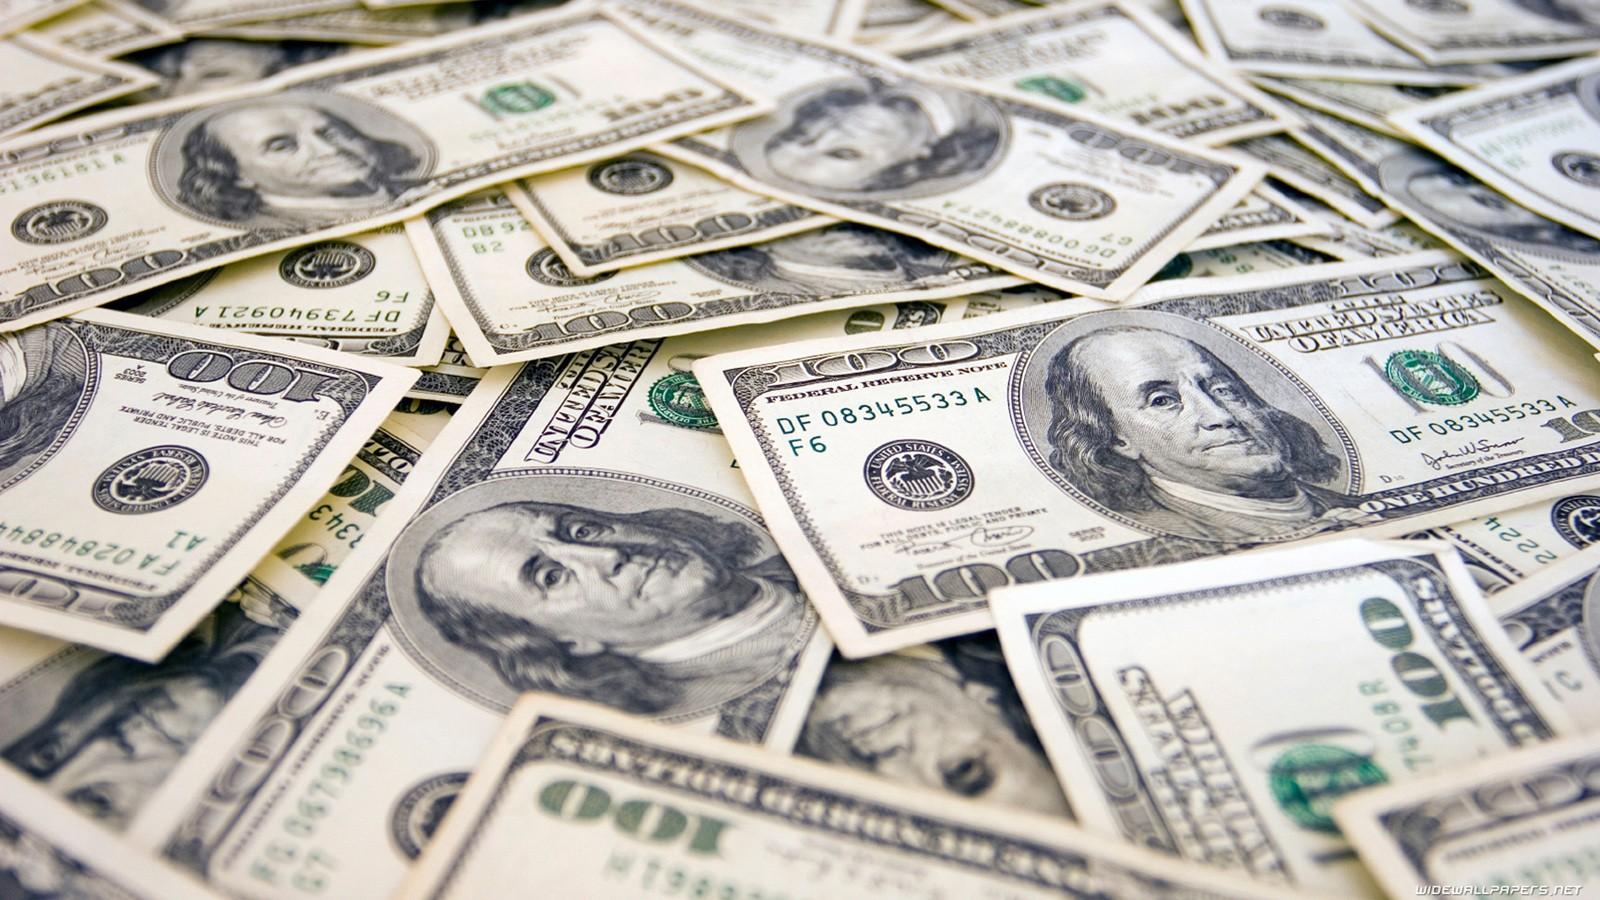 デスクトップ壁紙 お金 通貨 ドル 現金 マネーハンドリング